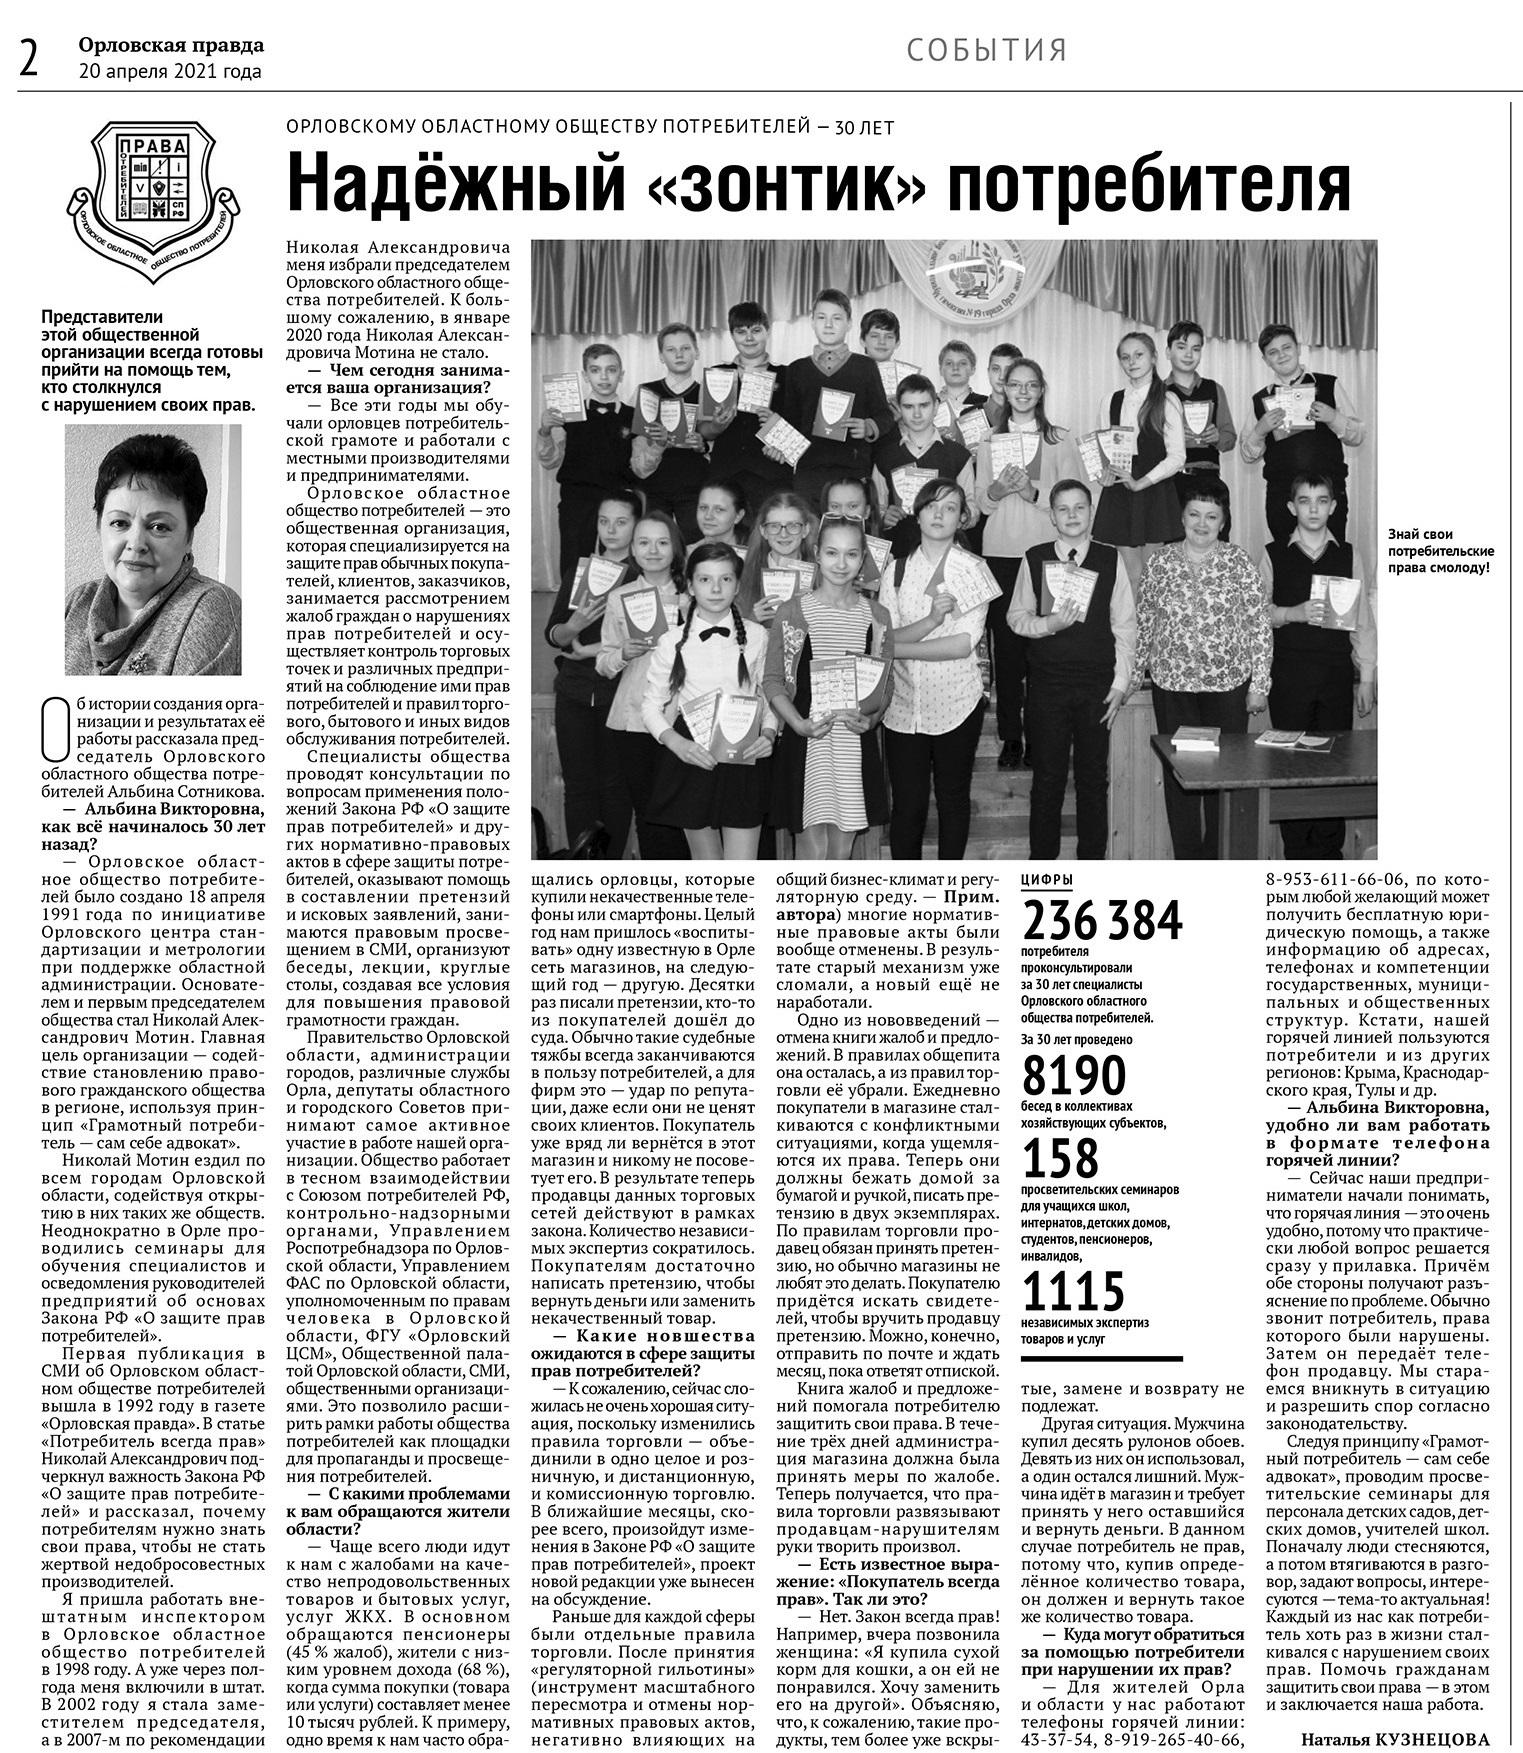 Орловскому областному обществу потребителей - 30 лет